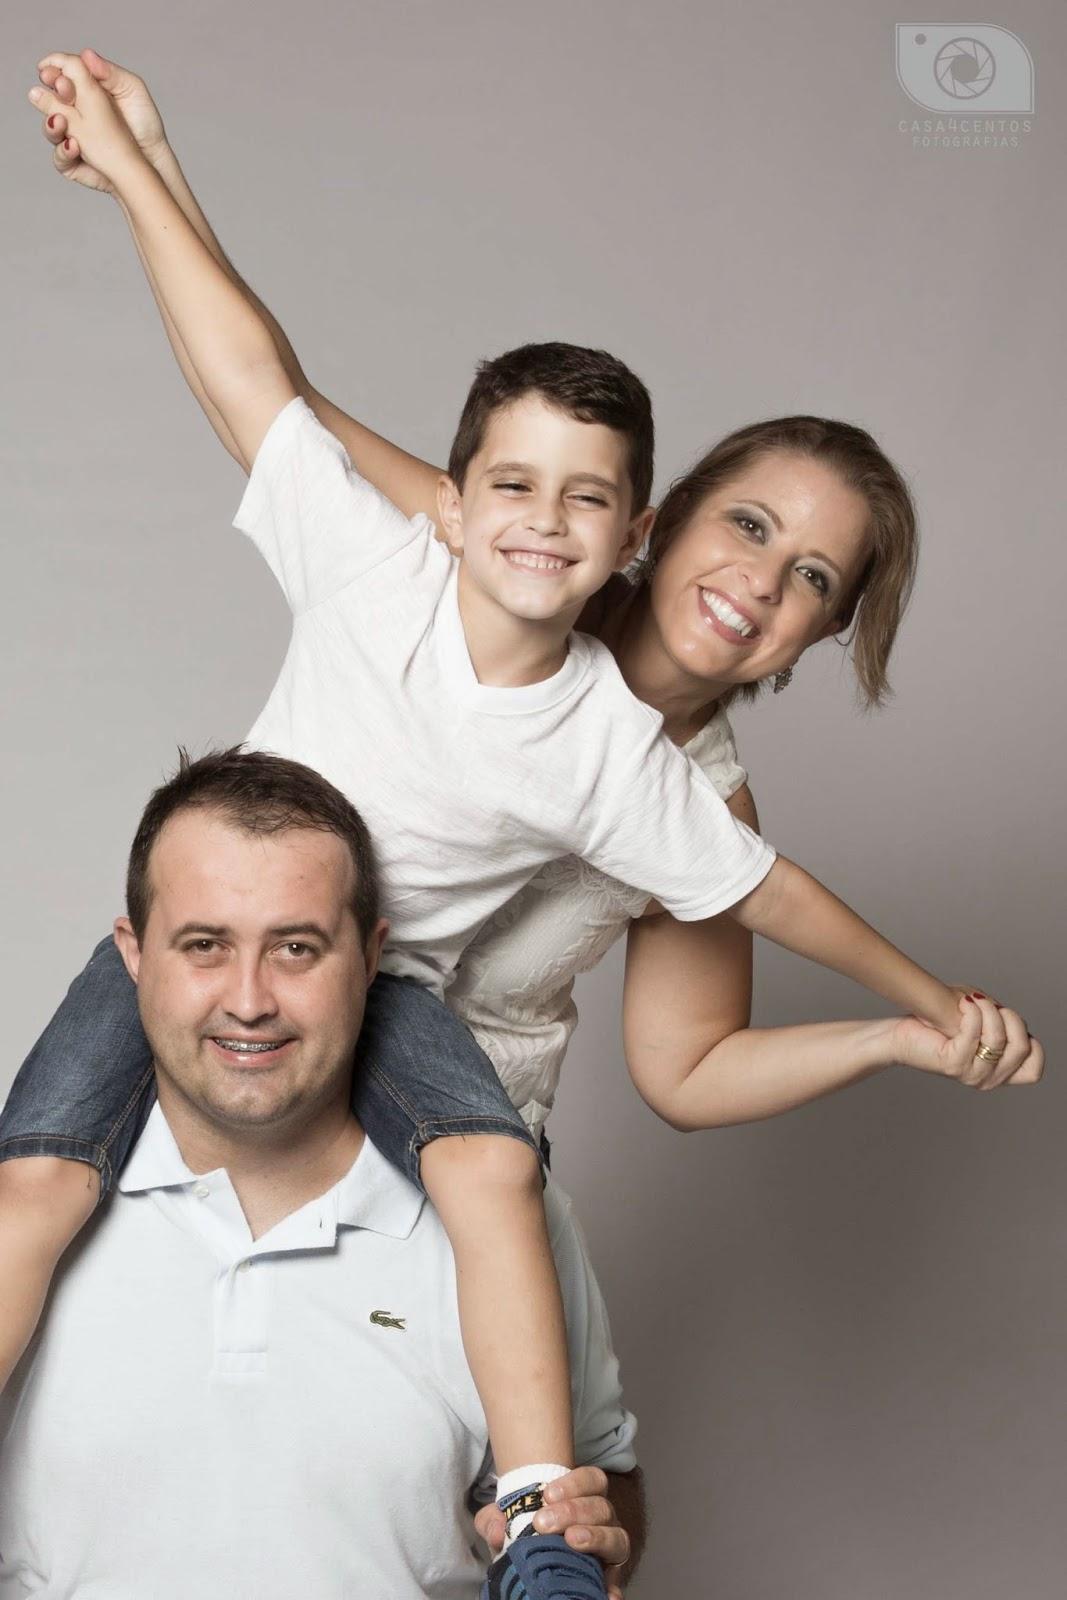 foto pais e filhos, pose divertida timbó, indaial, gaspar pomerode